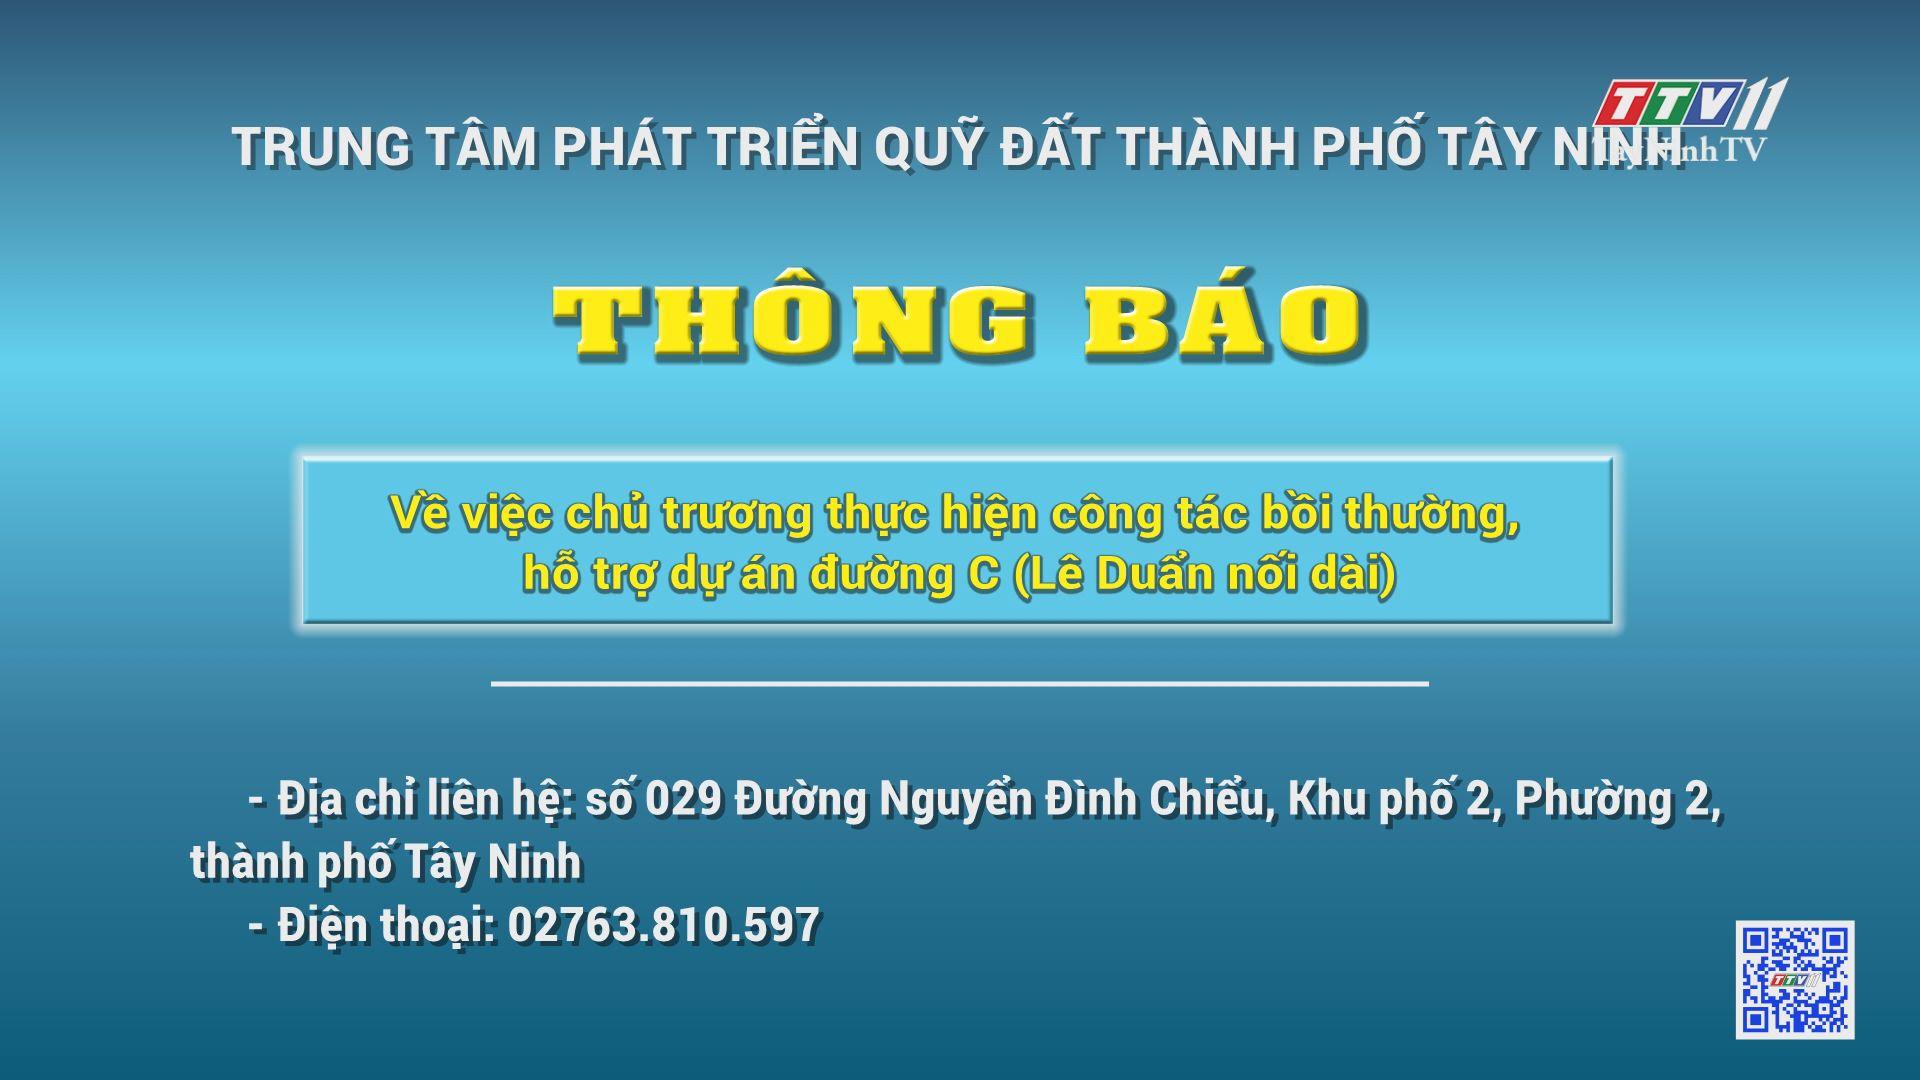 THÔNG BÁO-Về việc chủ trương thực hiện công tác bồi thường, hỗ trợ dự án đường C (Lê Duẩn nối dài) | TayNinhTV